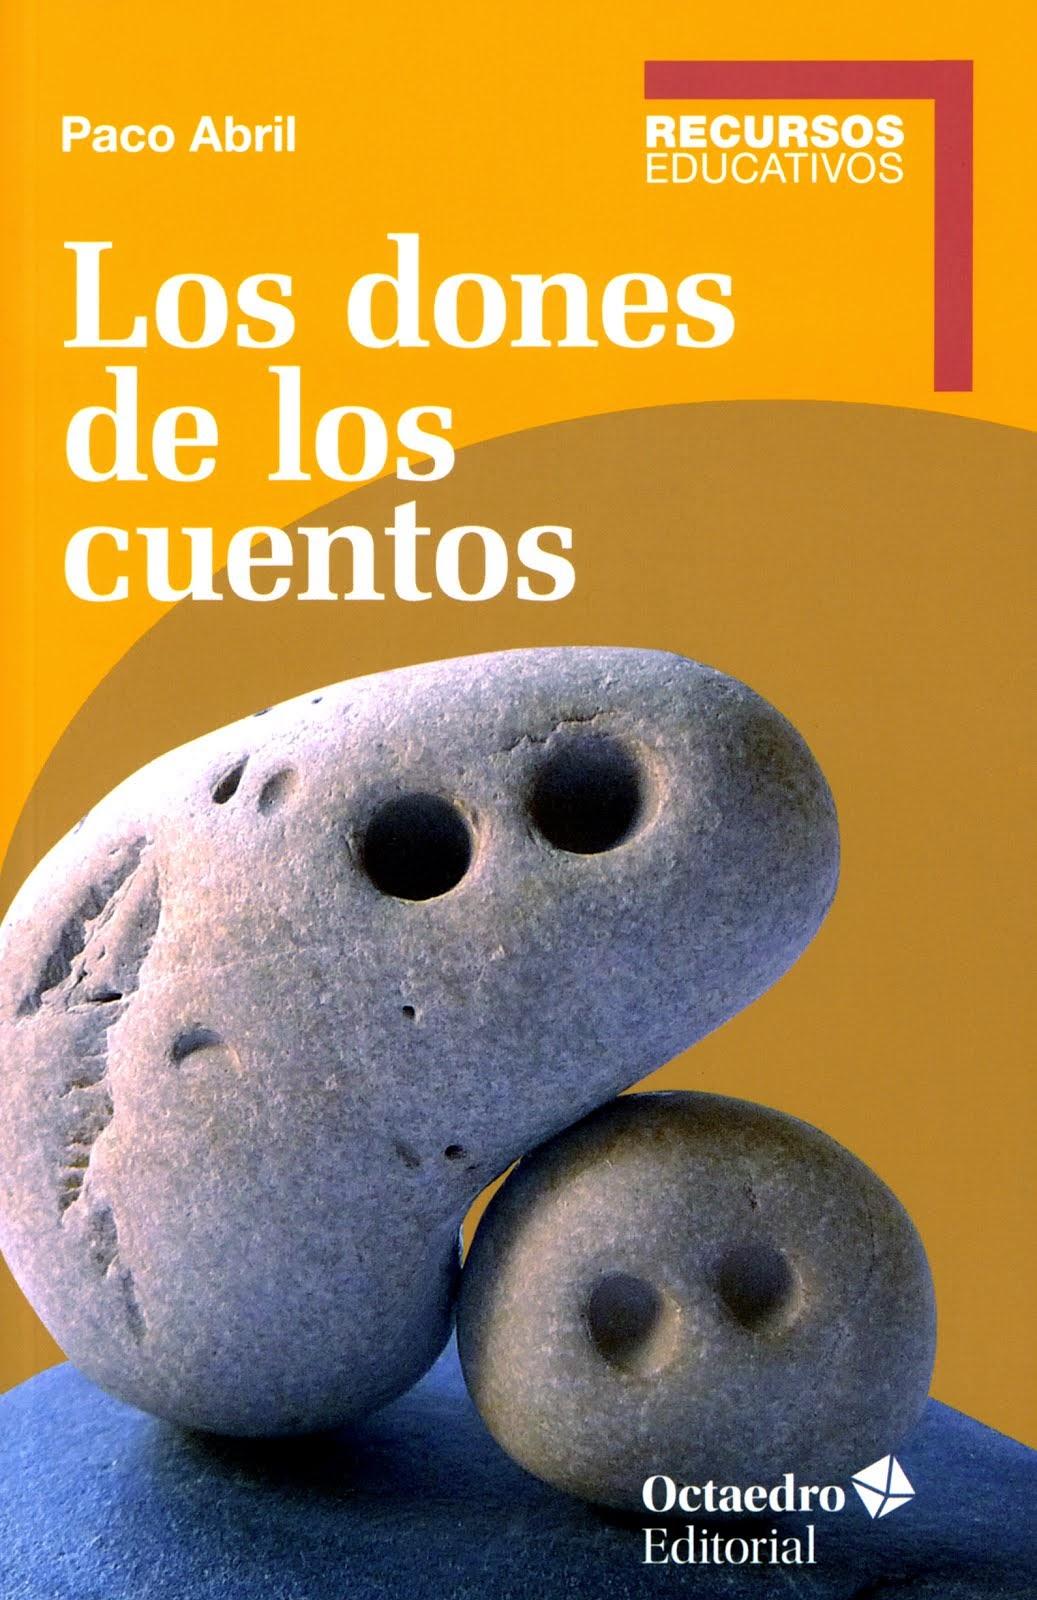 LOS DONES DE LOS CUENTOS